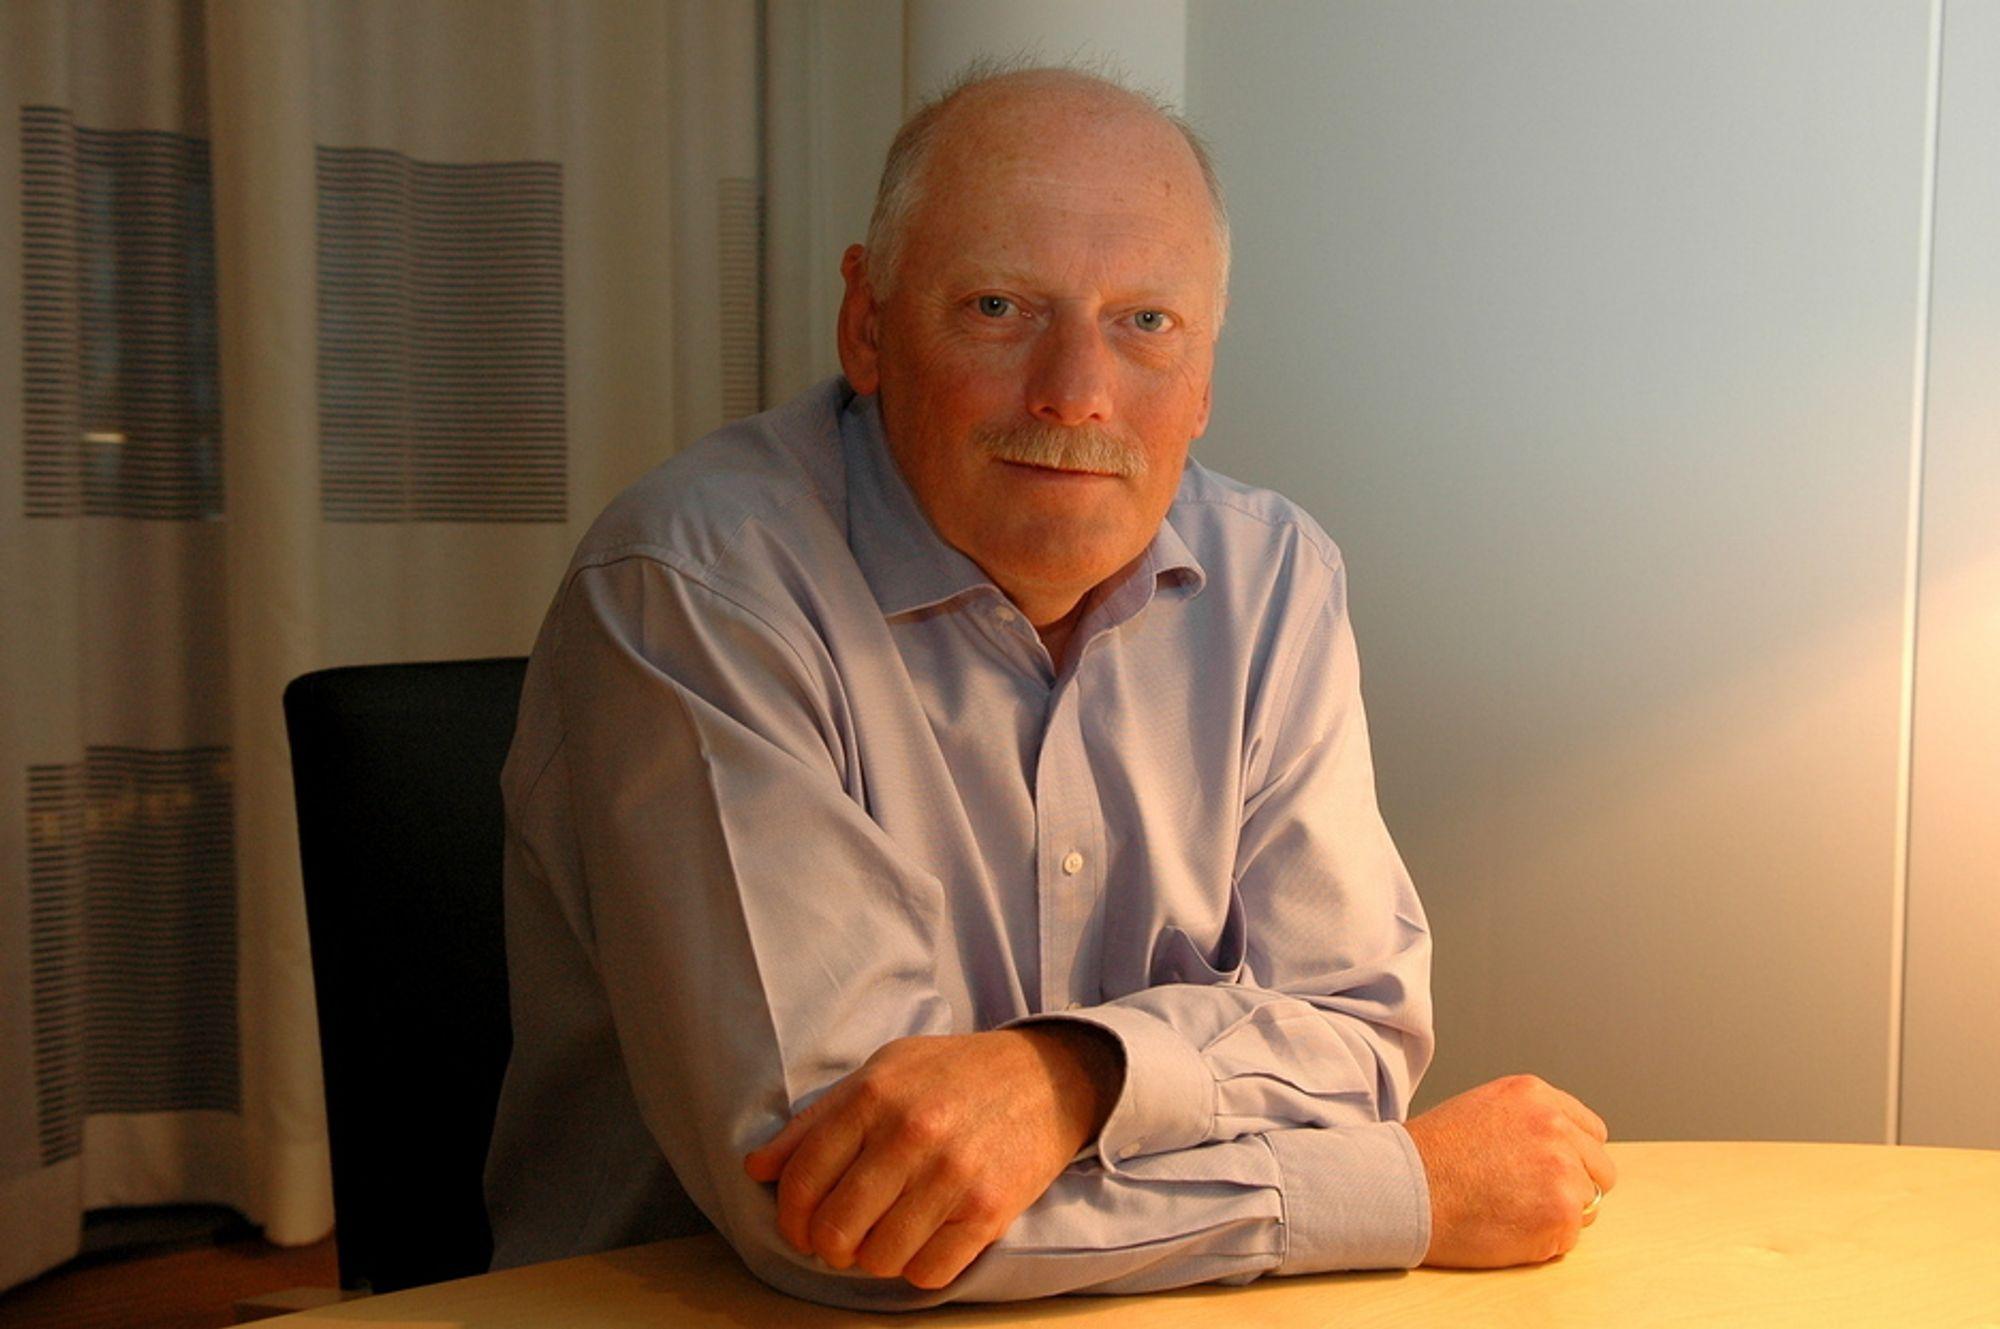 UHELDIG: - Jeg mener fremdeles at fusjonen mellom Statoil og Hydro var riktig for begge selskapene, men at den ikke nødvendigvis var riktig for Norge og for utviklingen på norsk sokkel, sier Kjell Pedersen